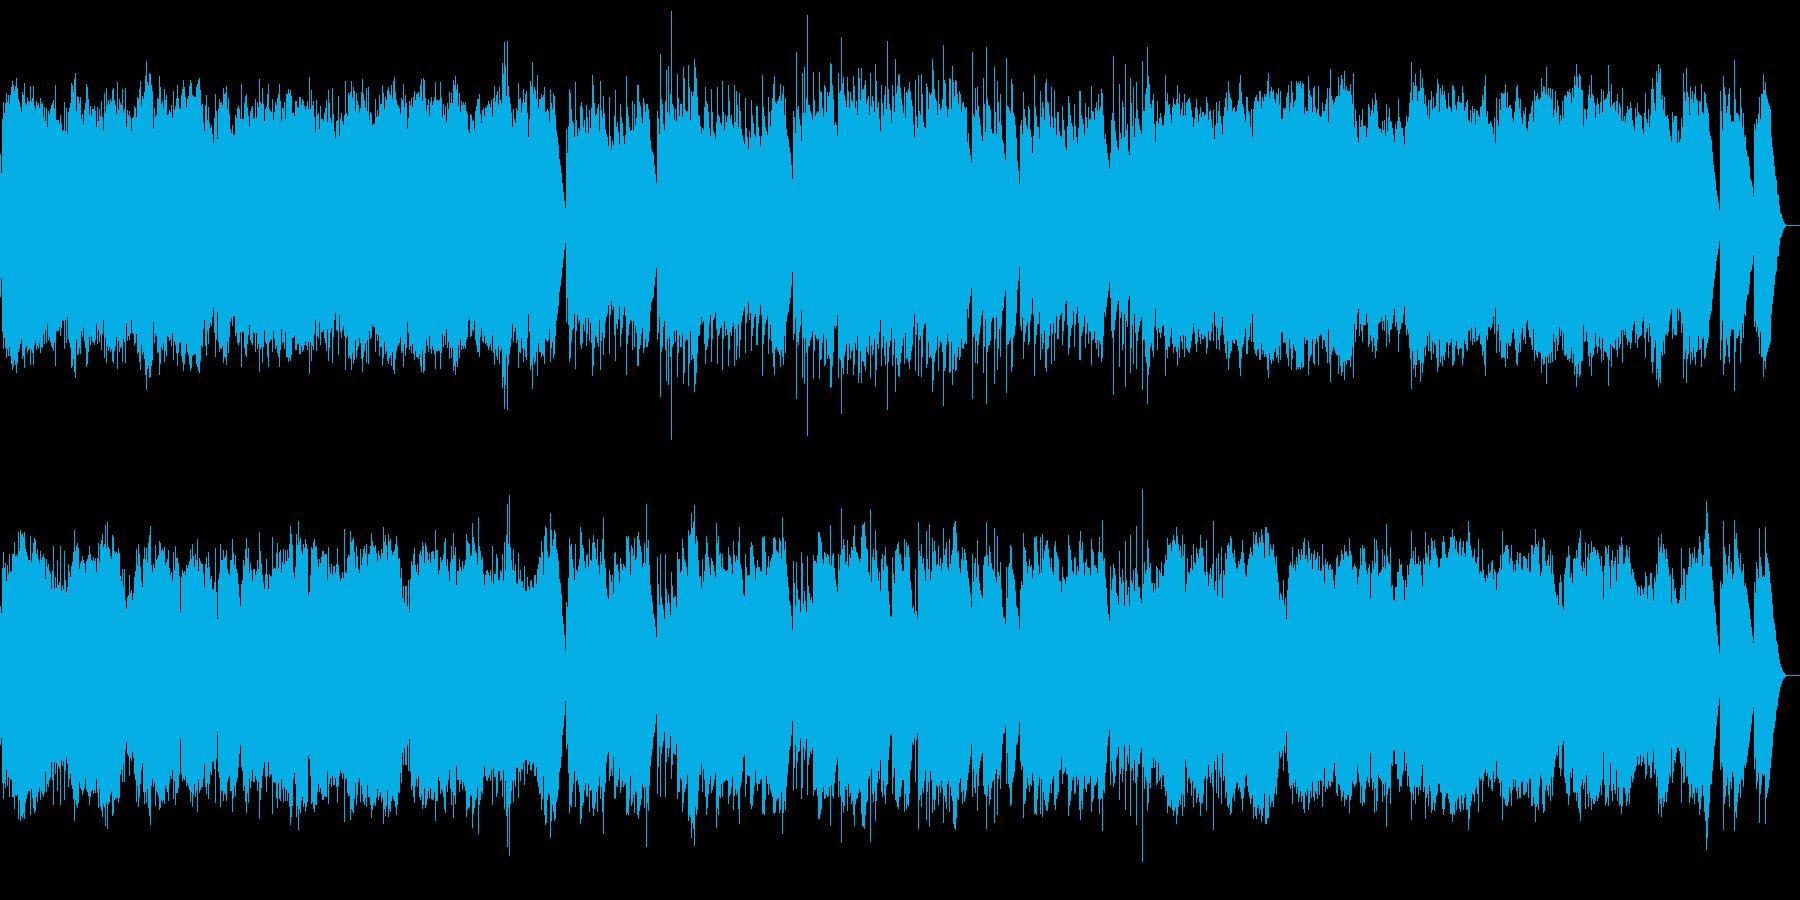 シューベルト 楽興の時第4番 オルゴールの再生済みの波形